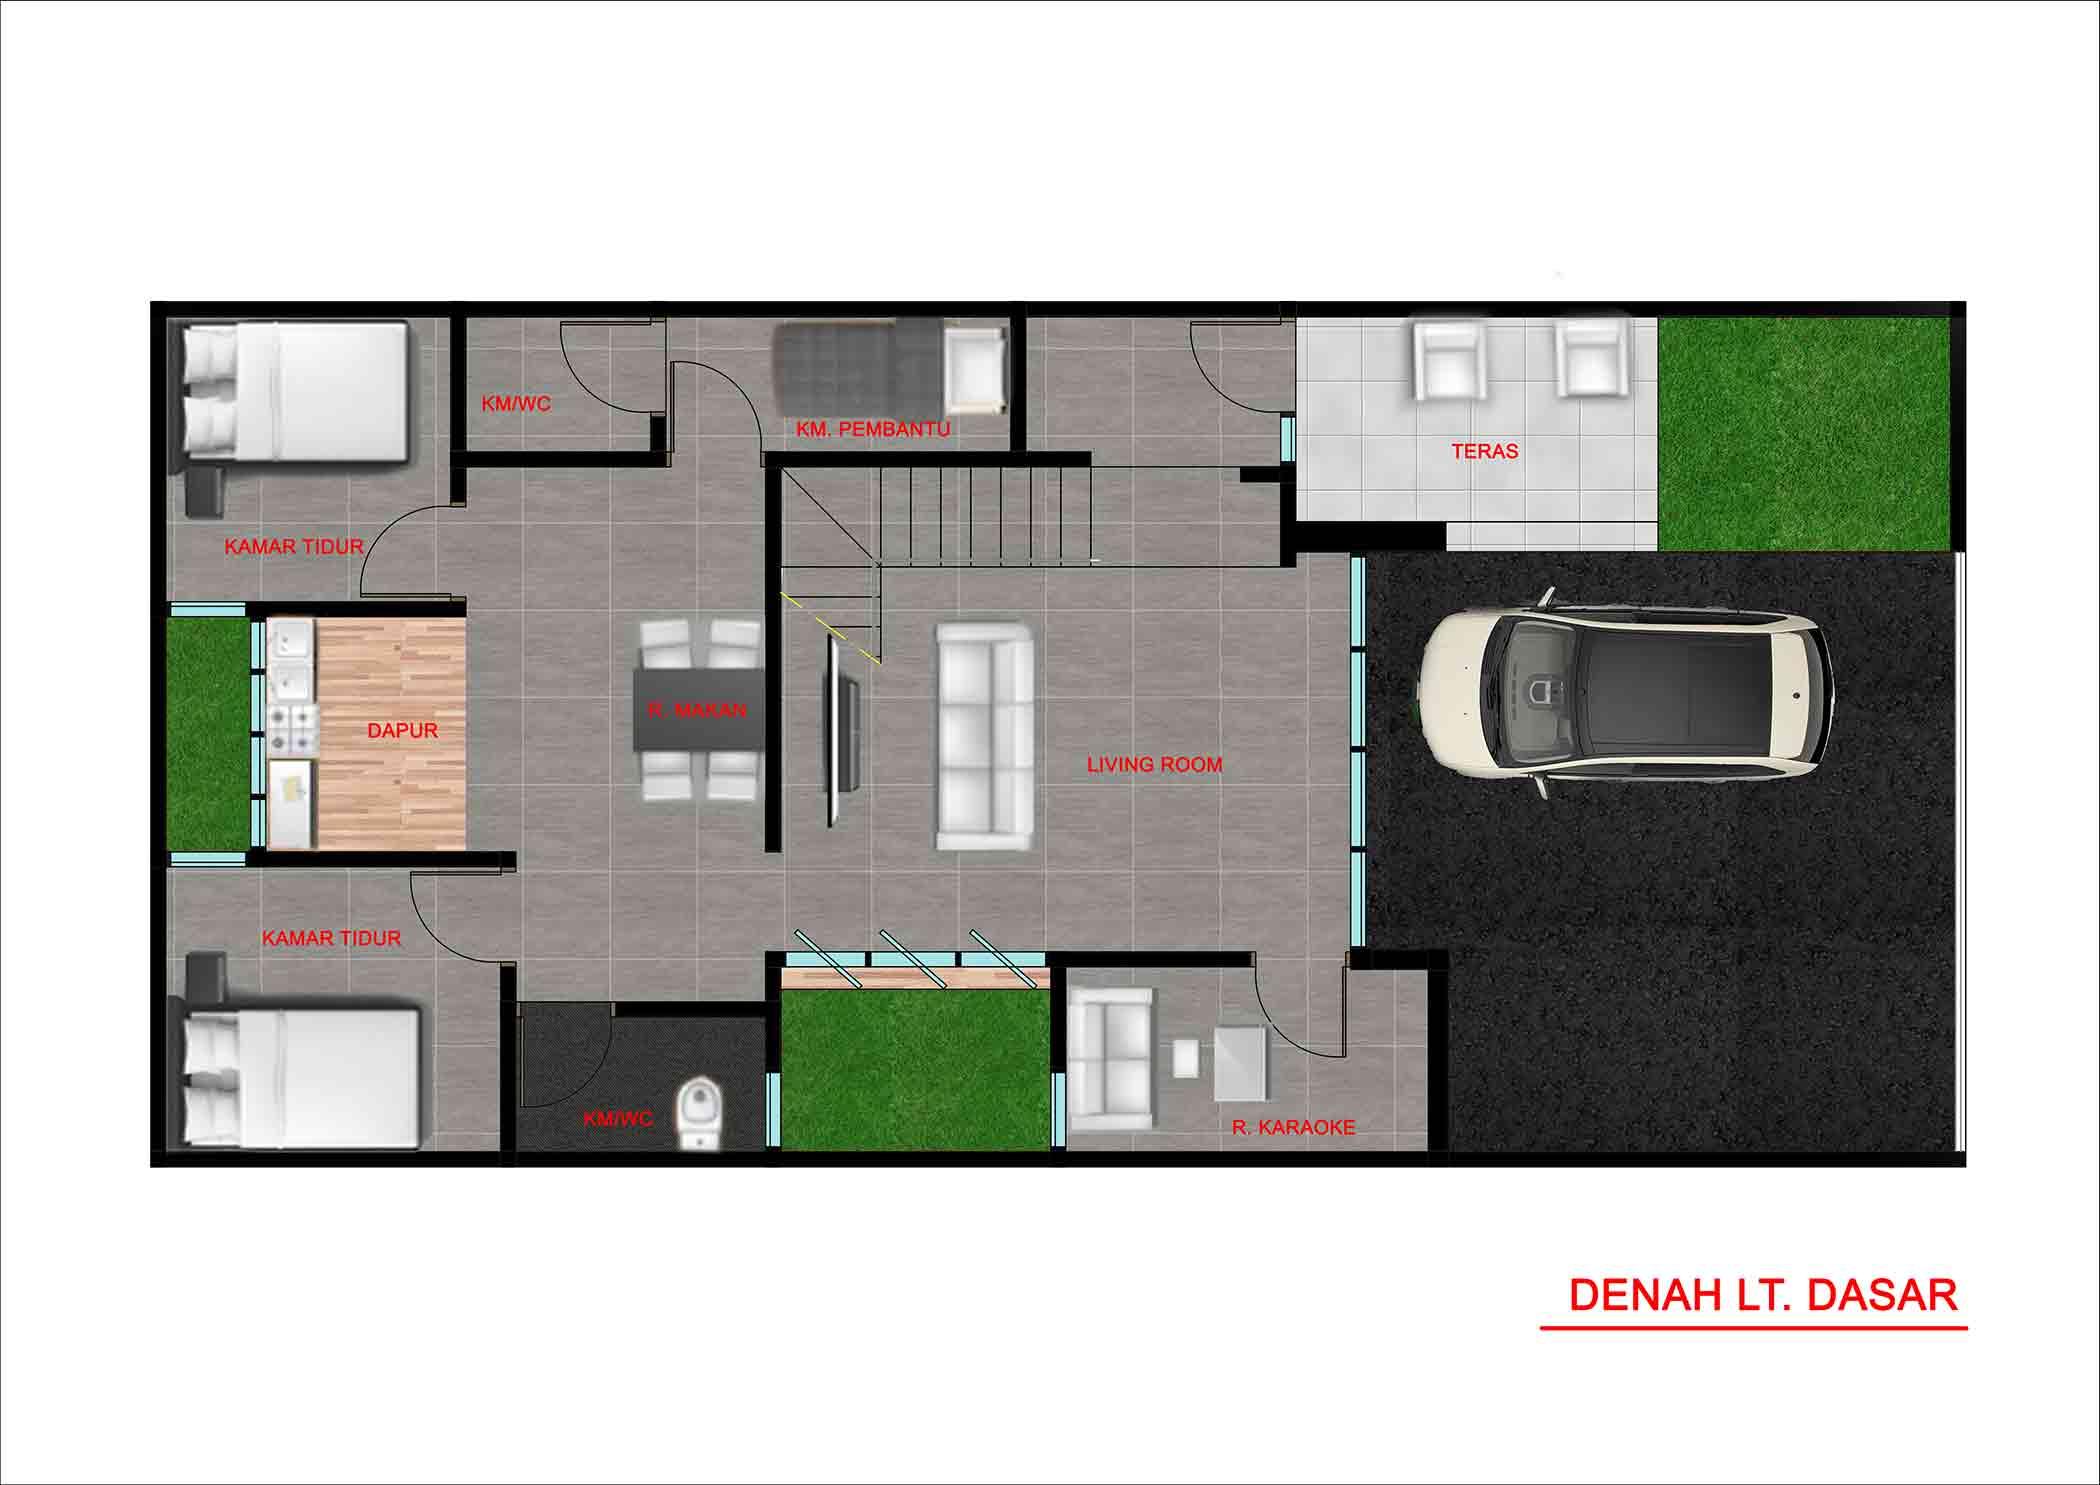 Denah lantai dasar // Kenali's Studio